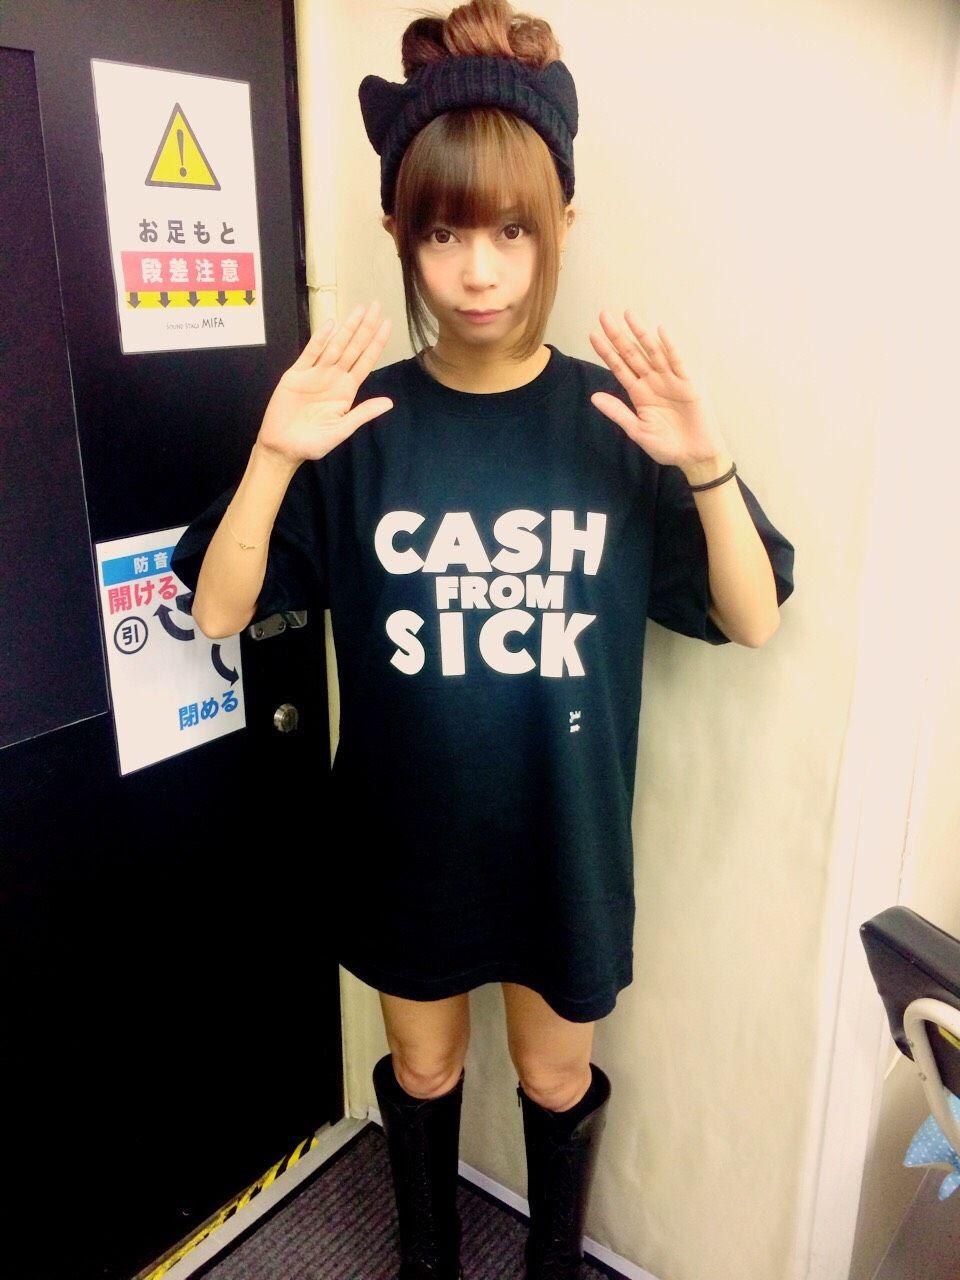 病ンドル [CASH FROM SICK Tシャツ]